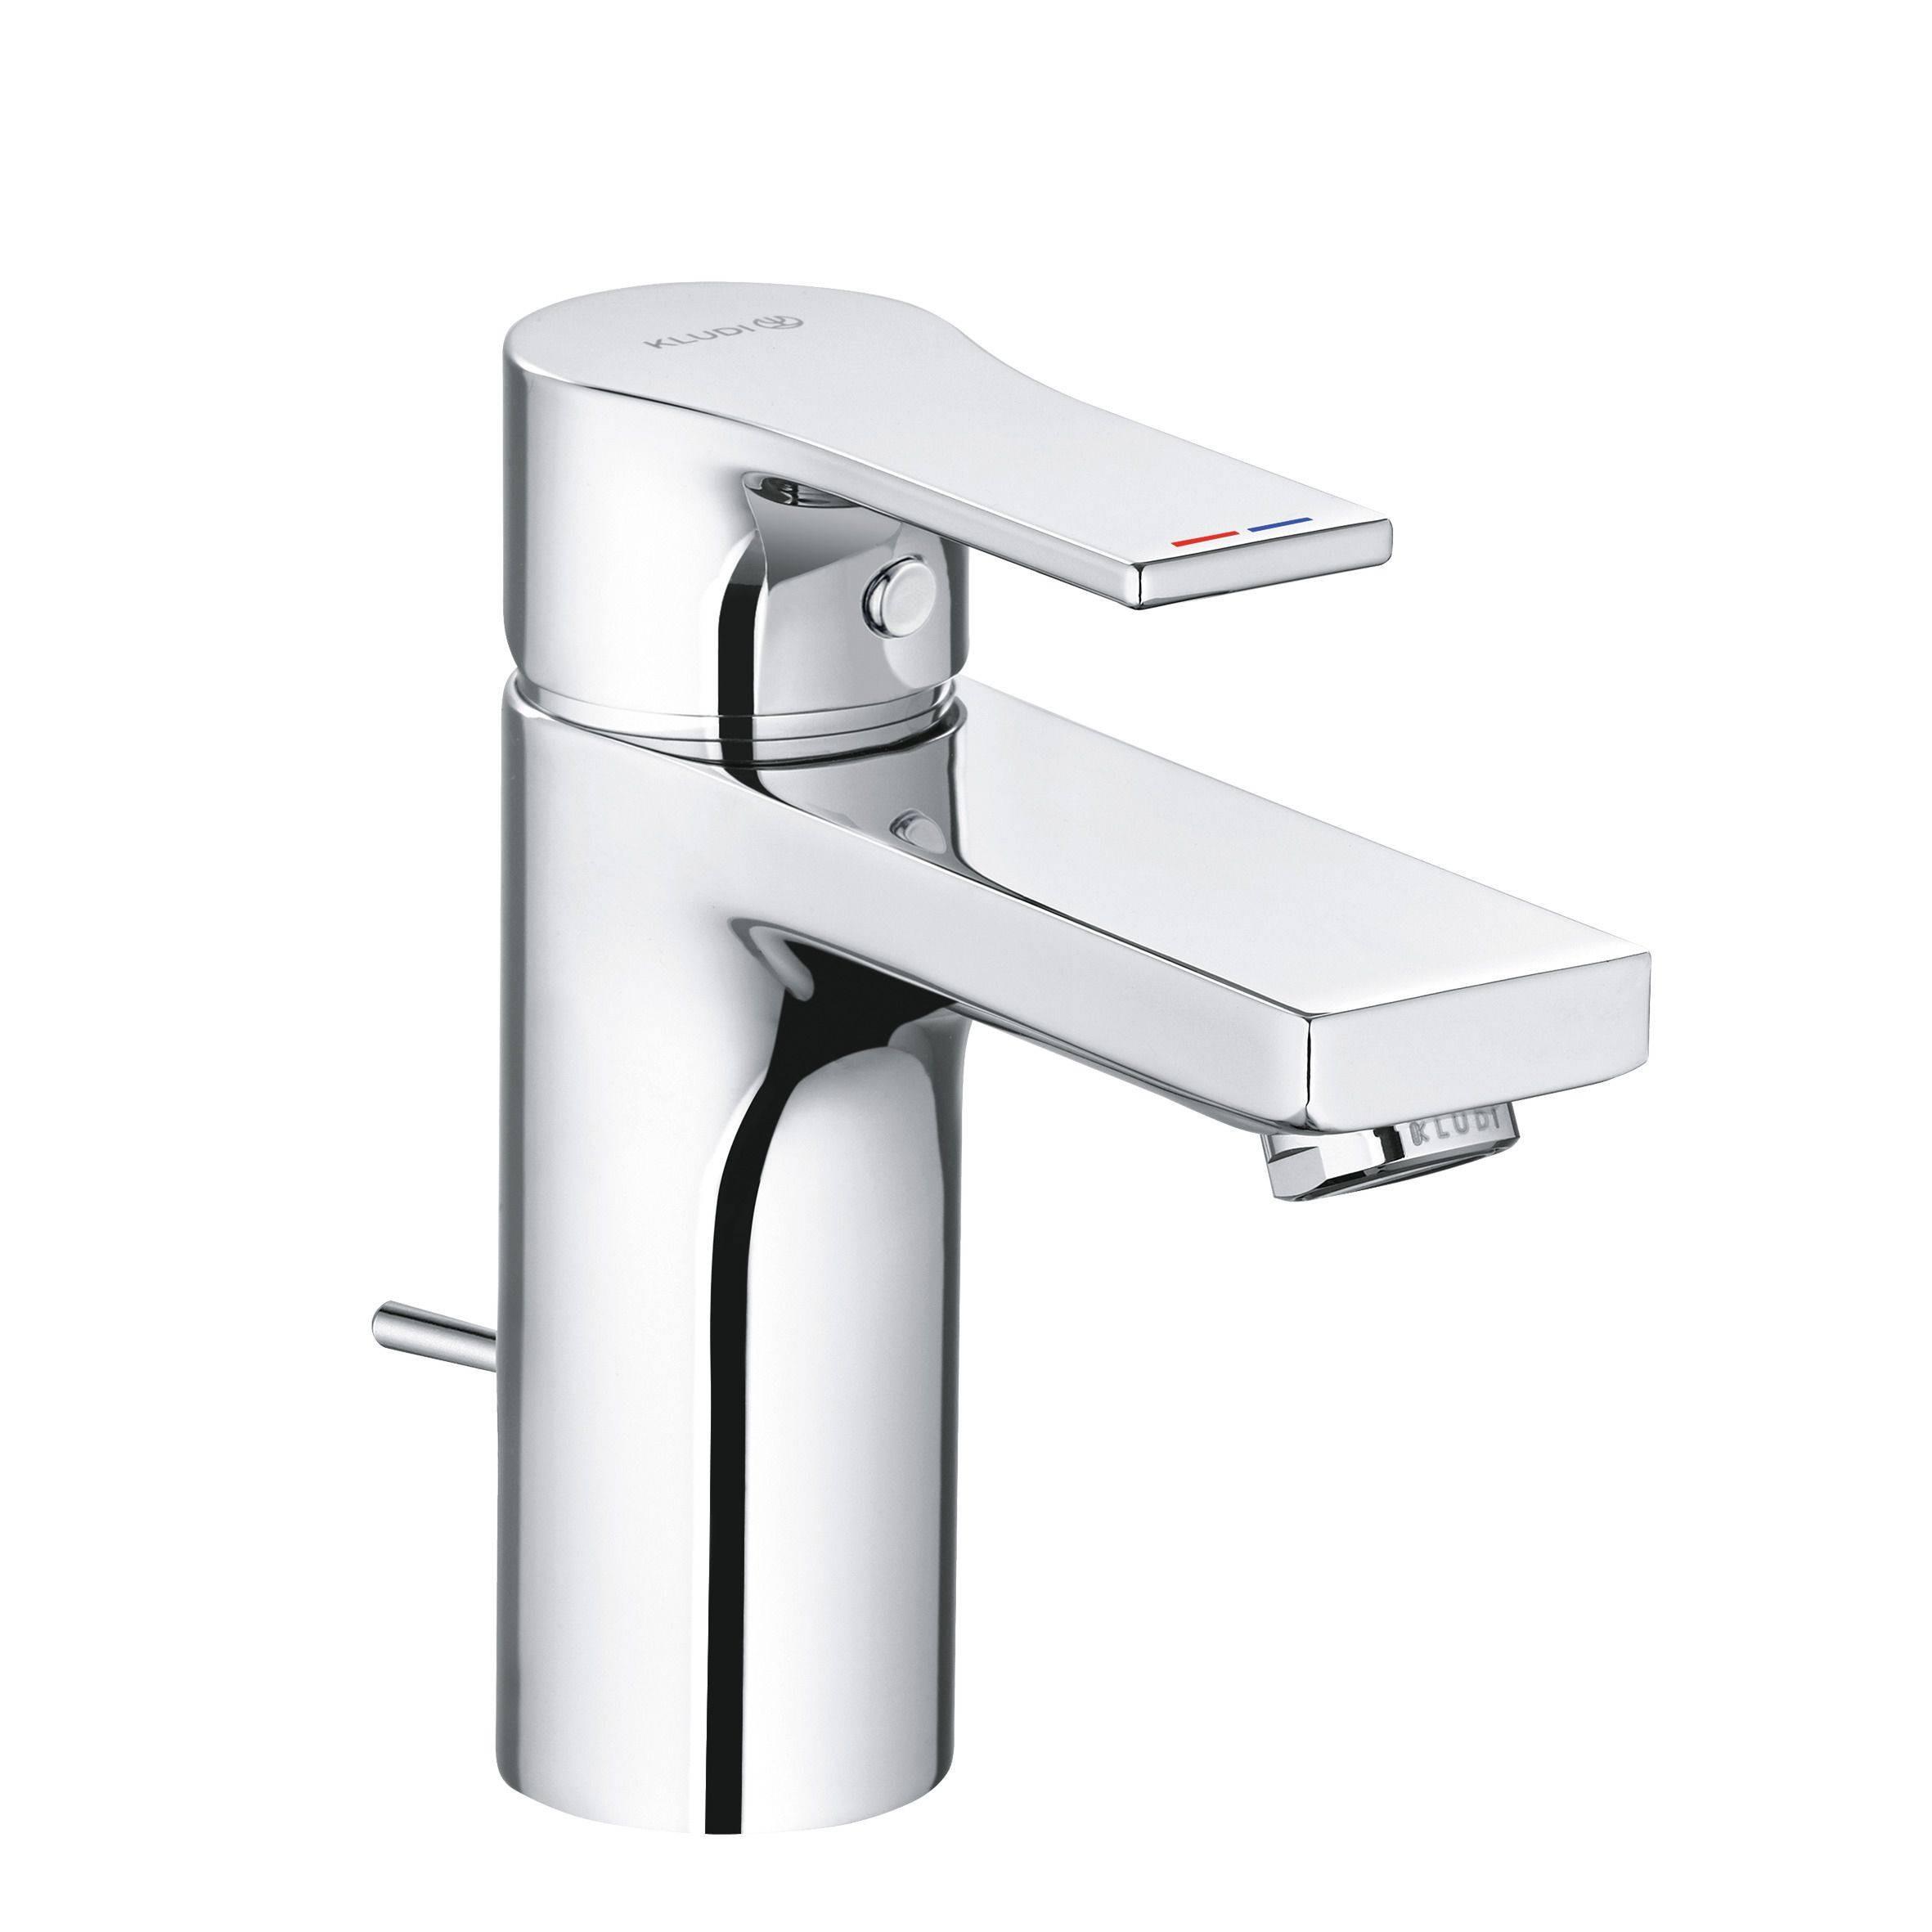 Kludi GmbH & Co. KG   KLUDI Waschtisch Einhandmischer 20 DN 20